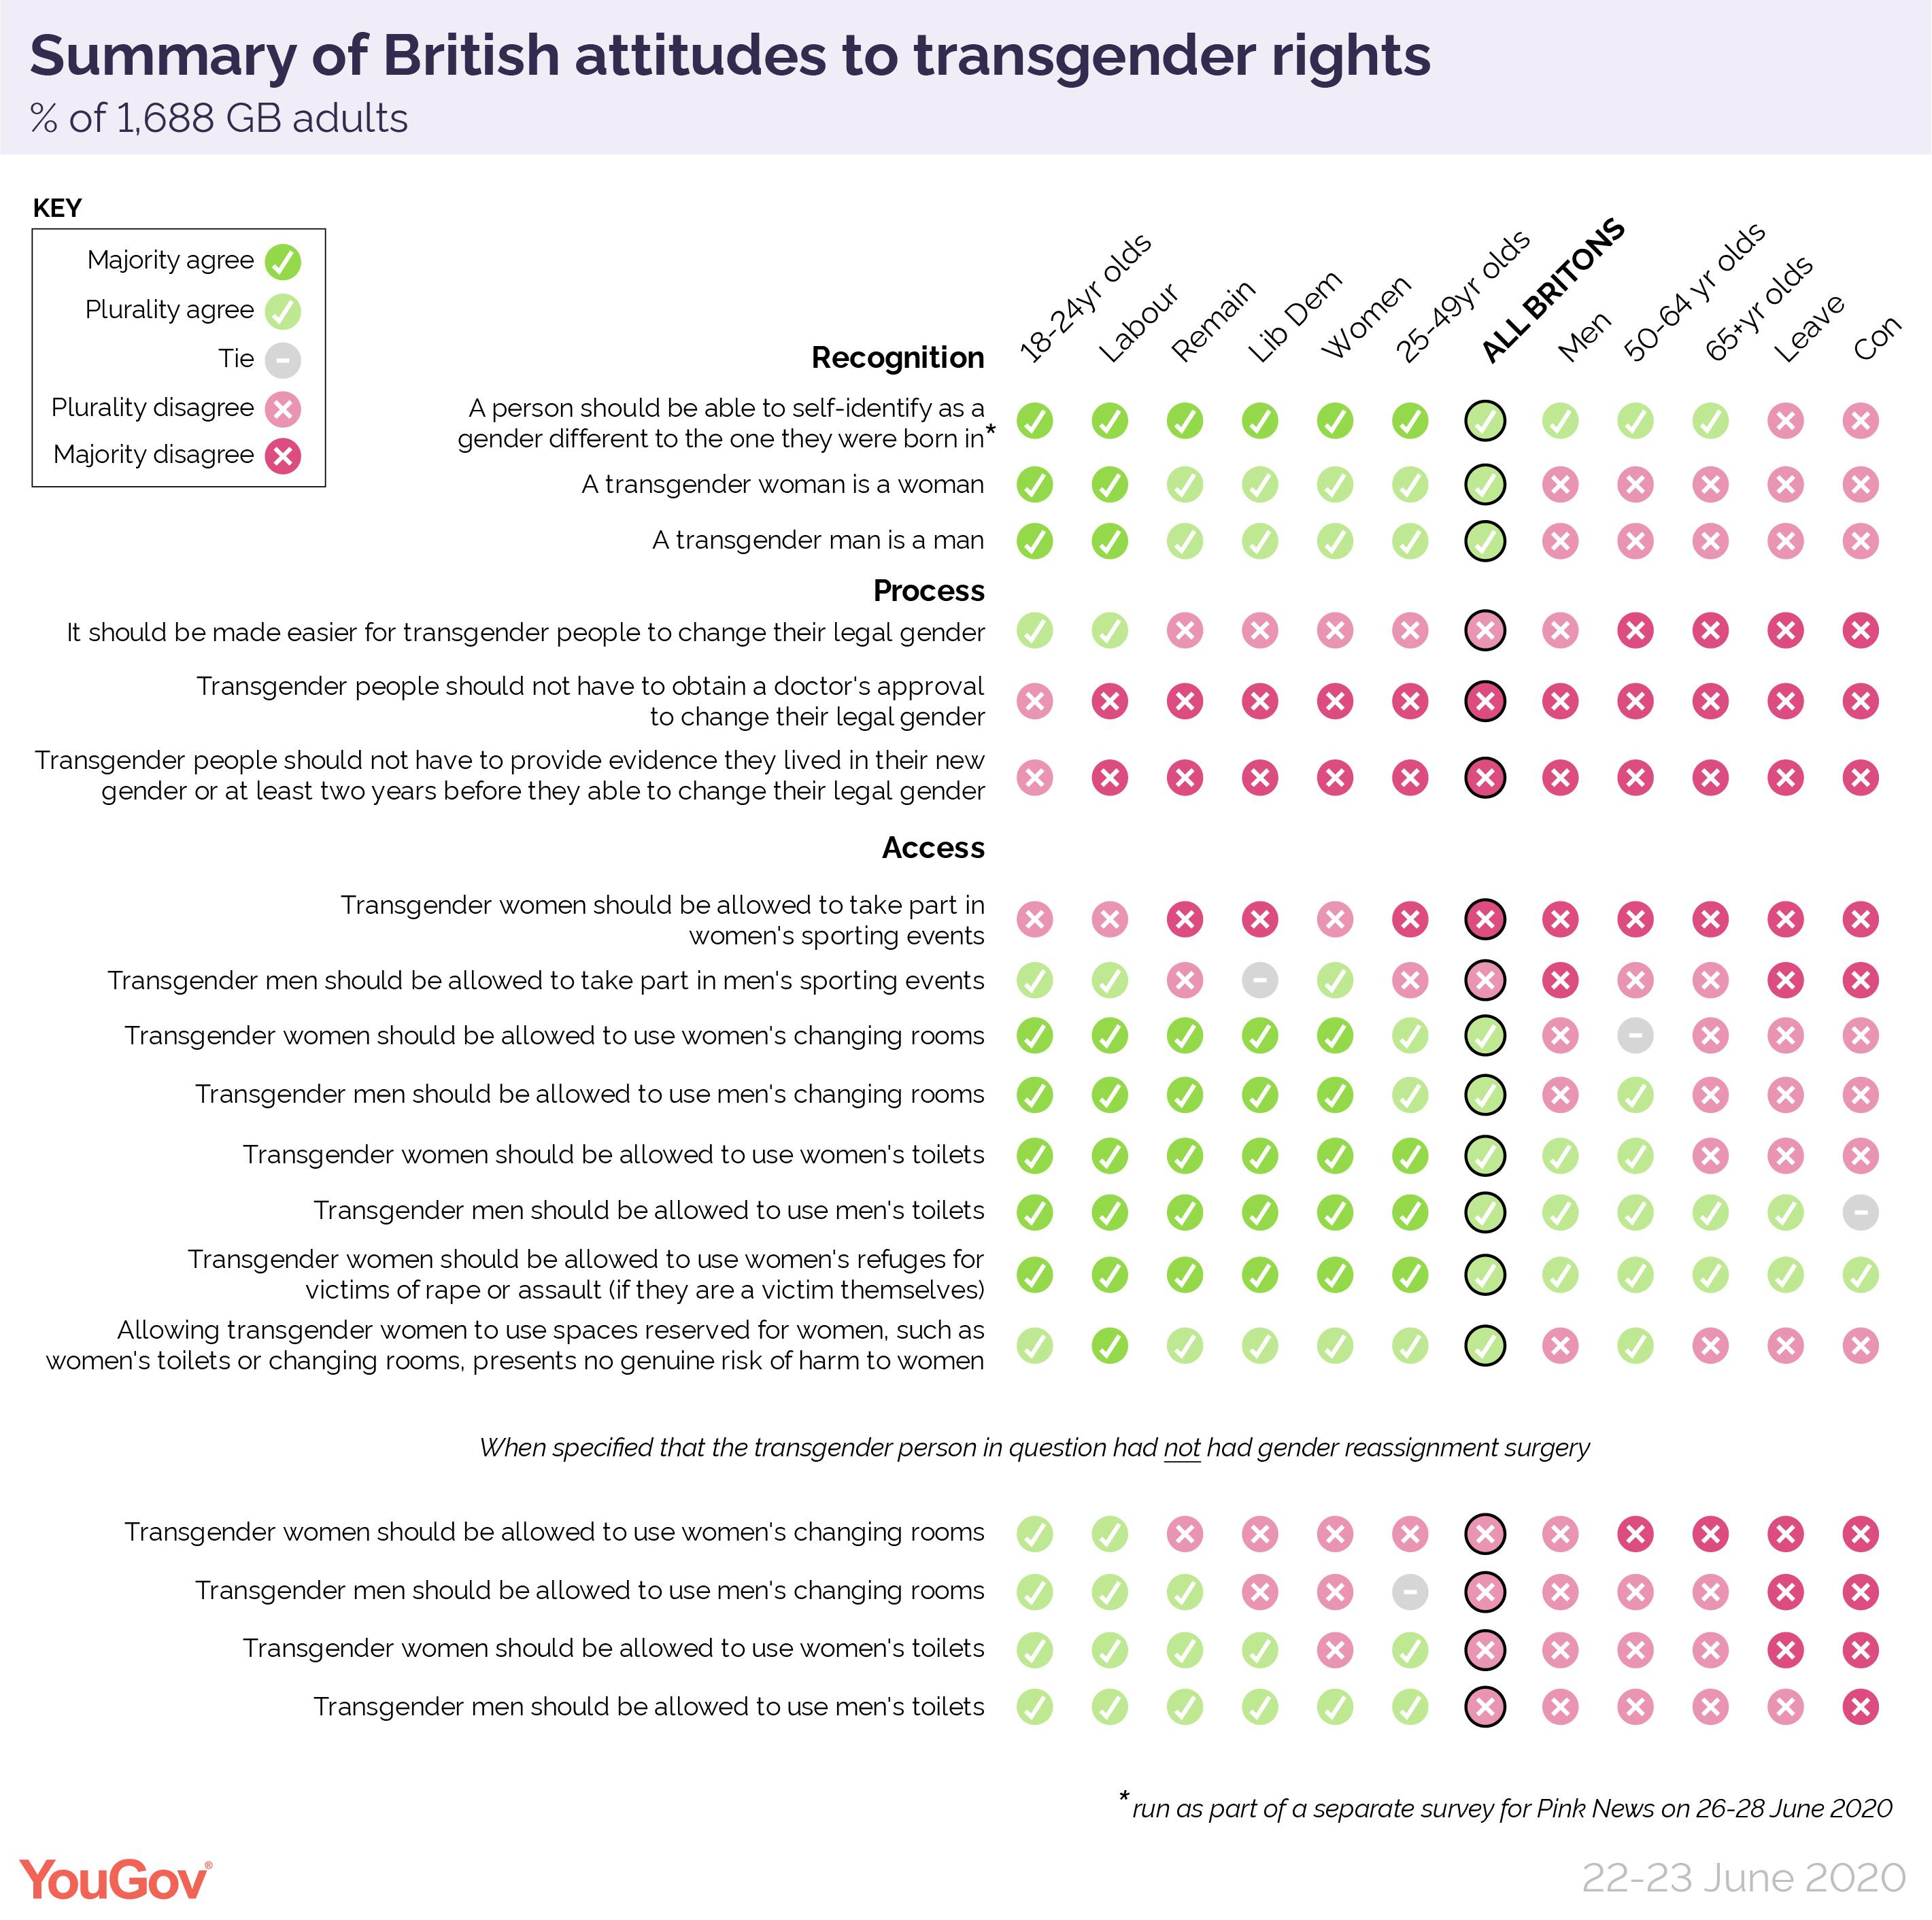 Transgender%20attitudes%20summary-01.png